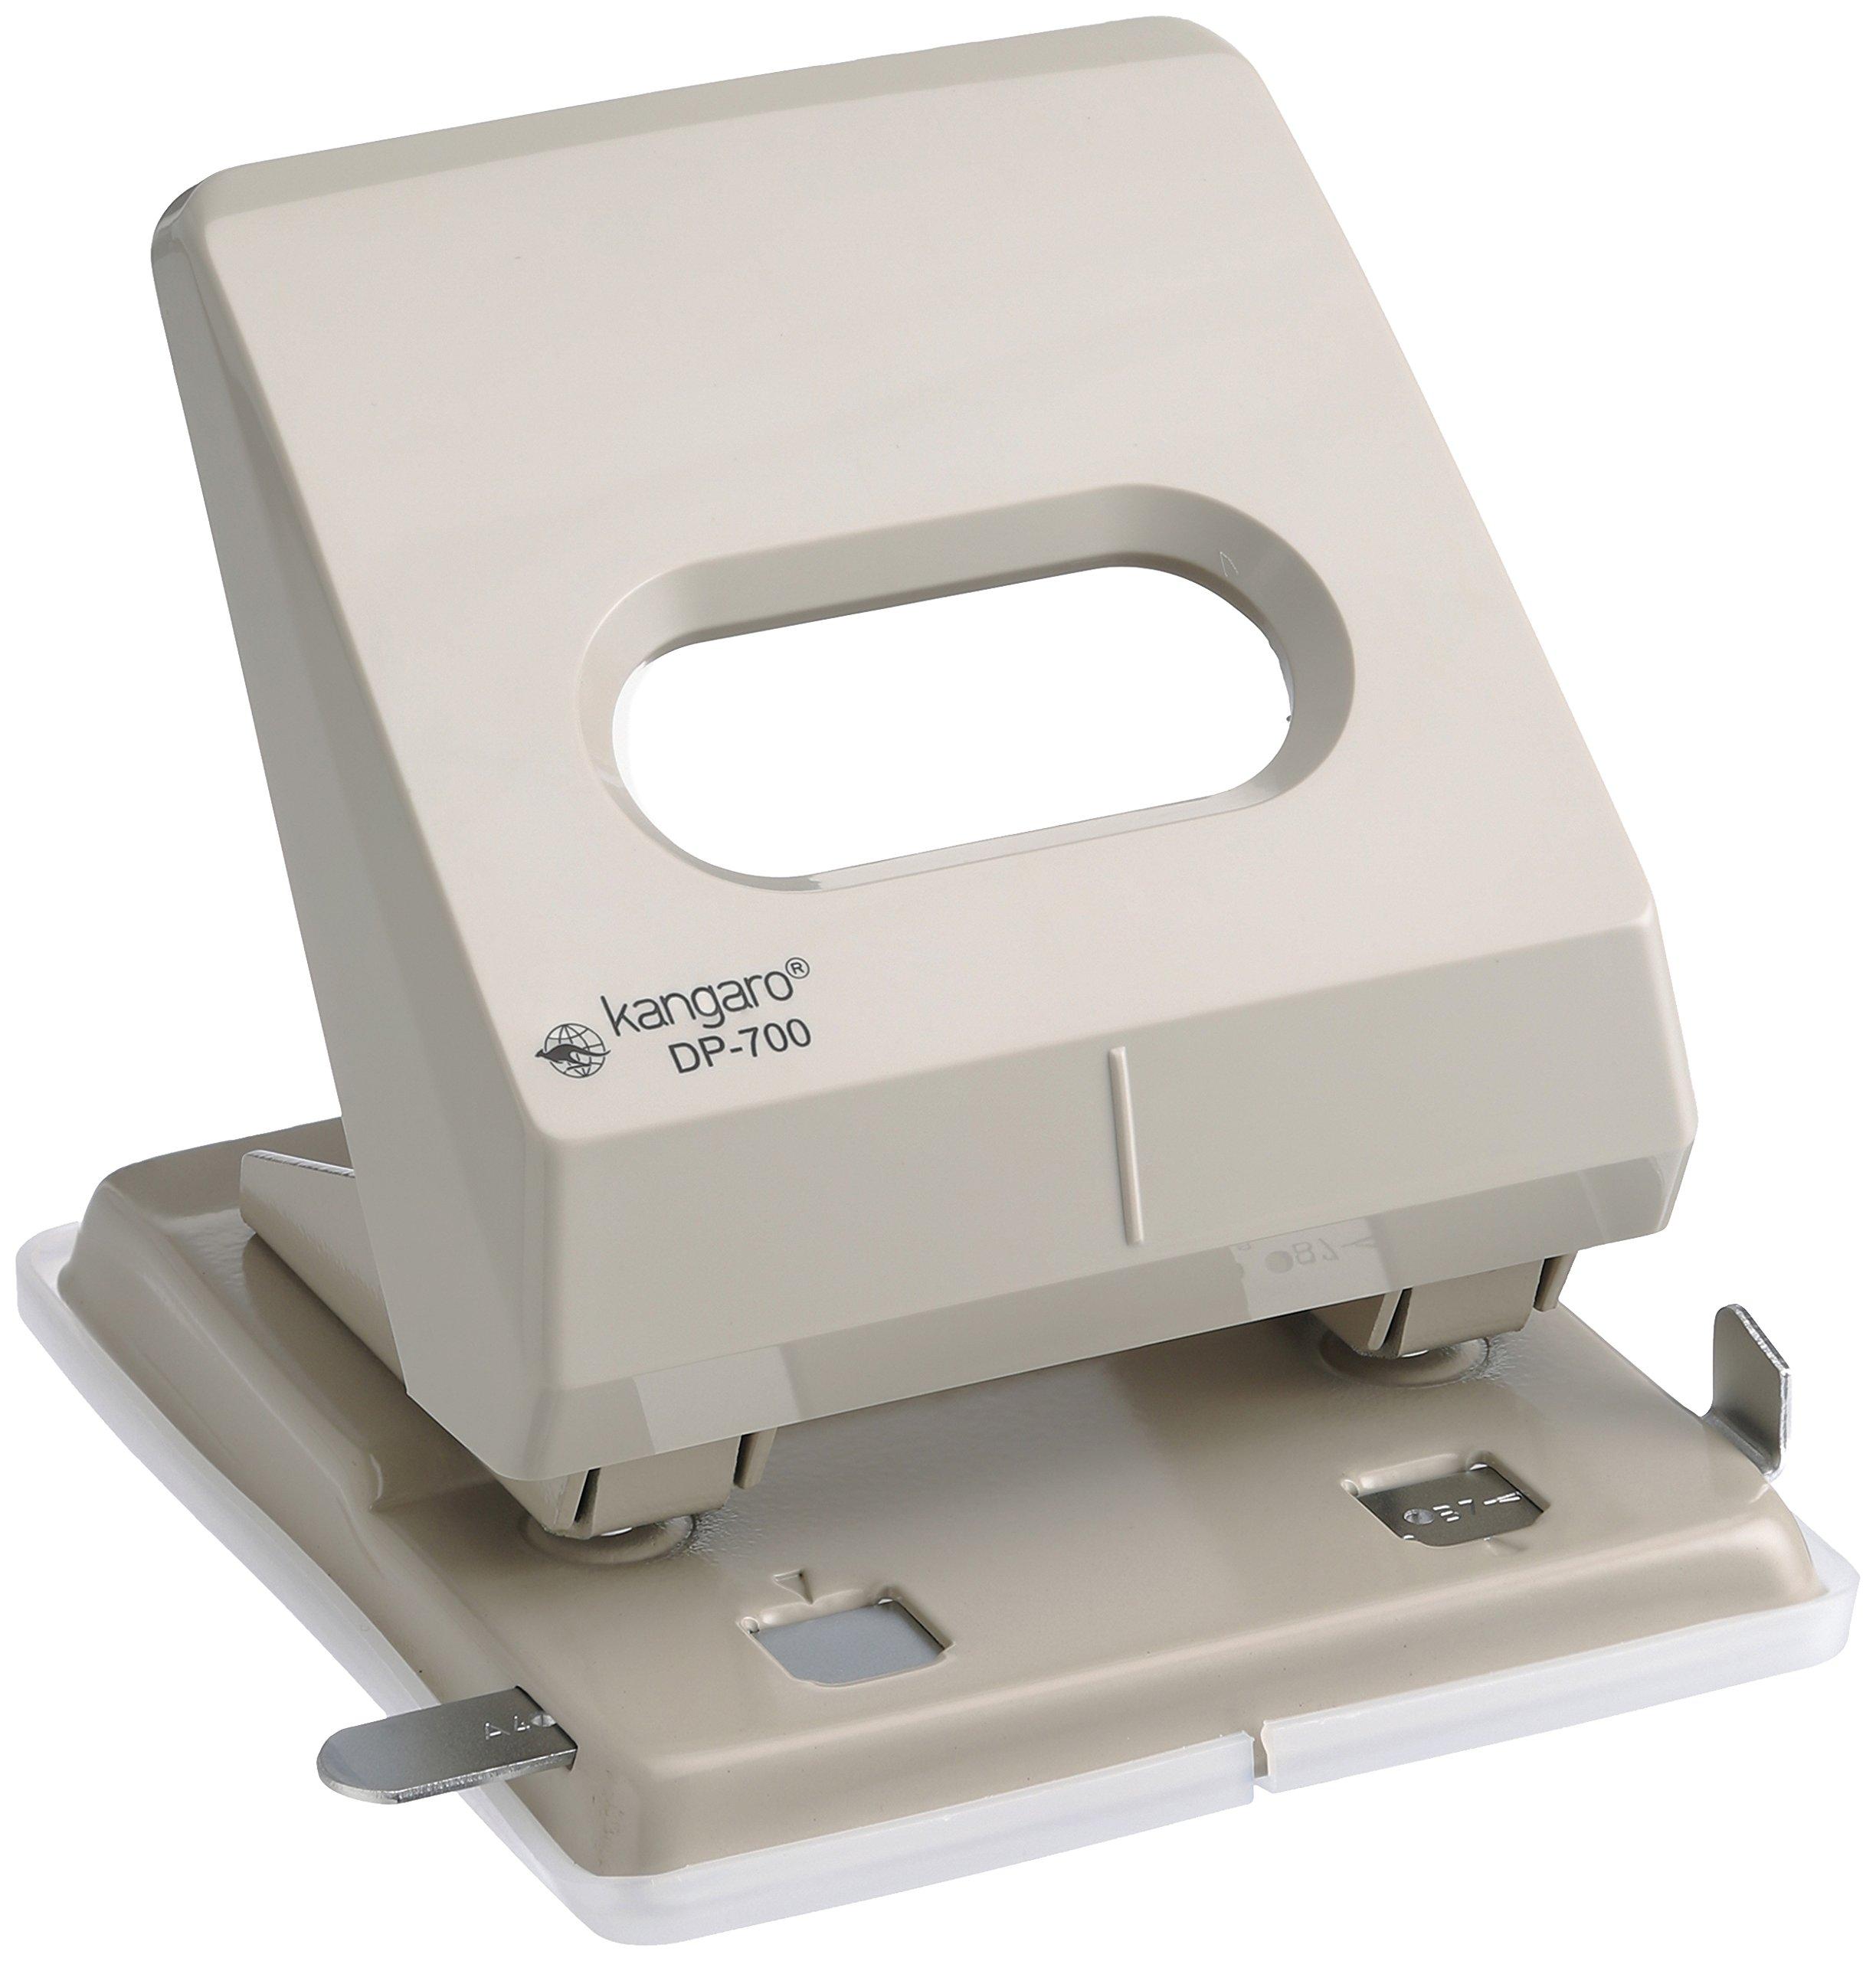 Kangaro DP-700 Punching Machine product image